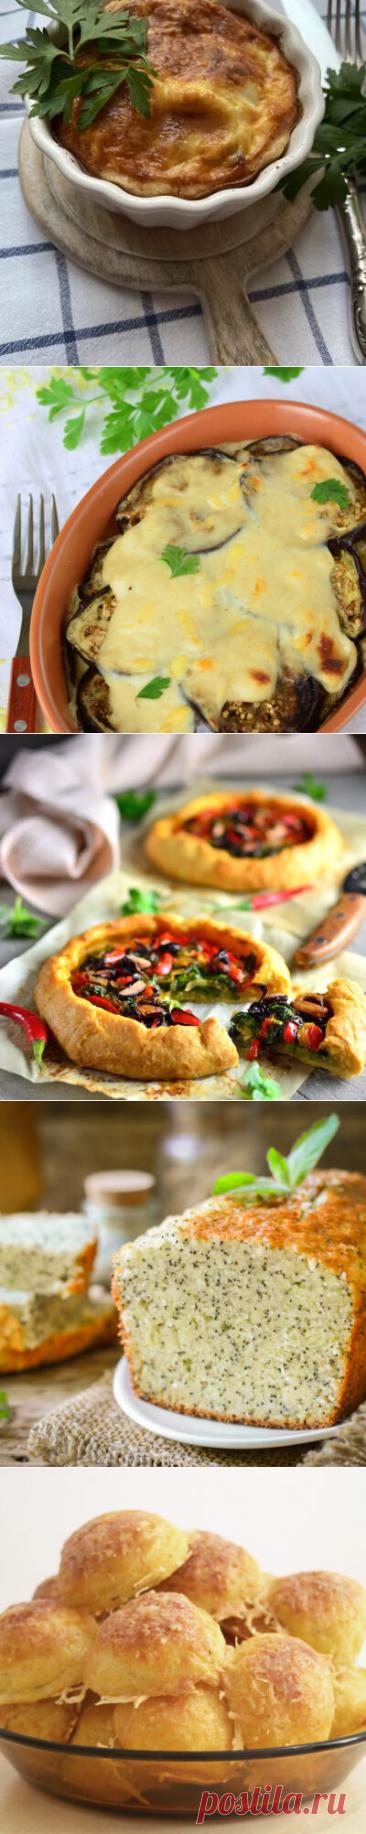 Блюда в духовке - рецепты с фото - PhotoRecept.ru